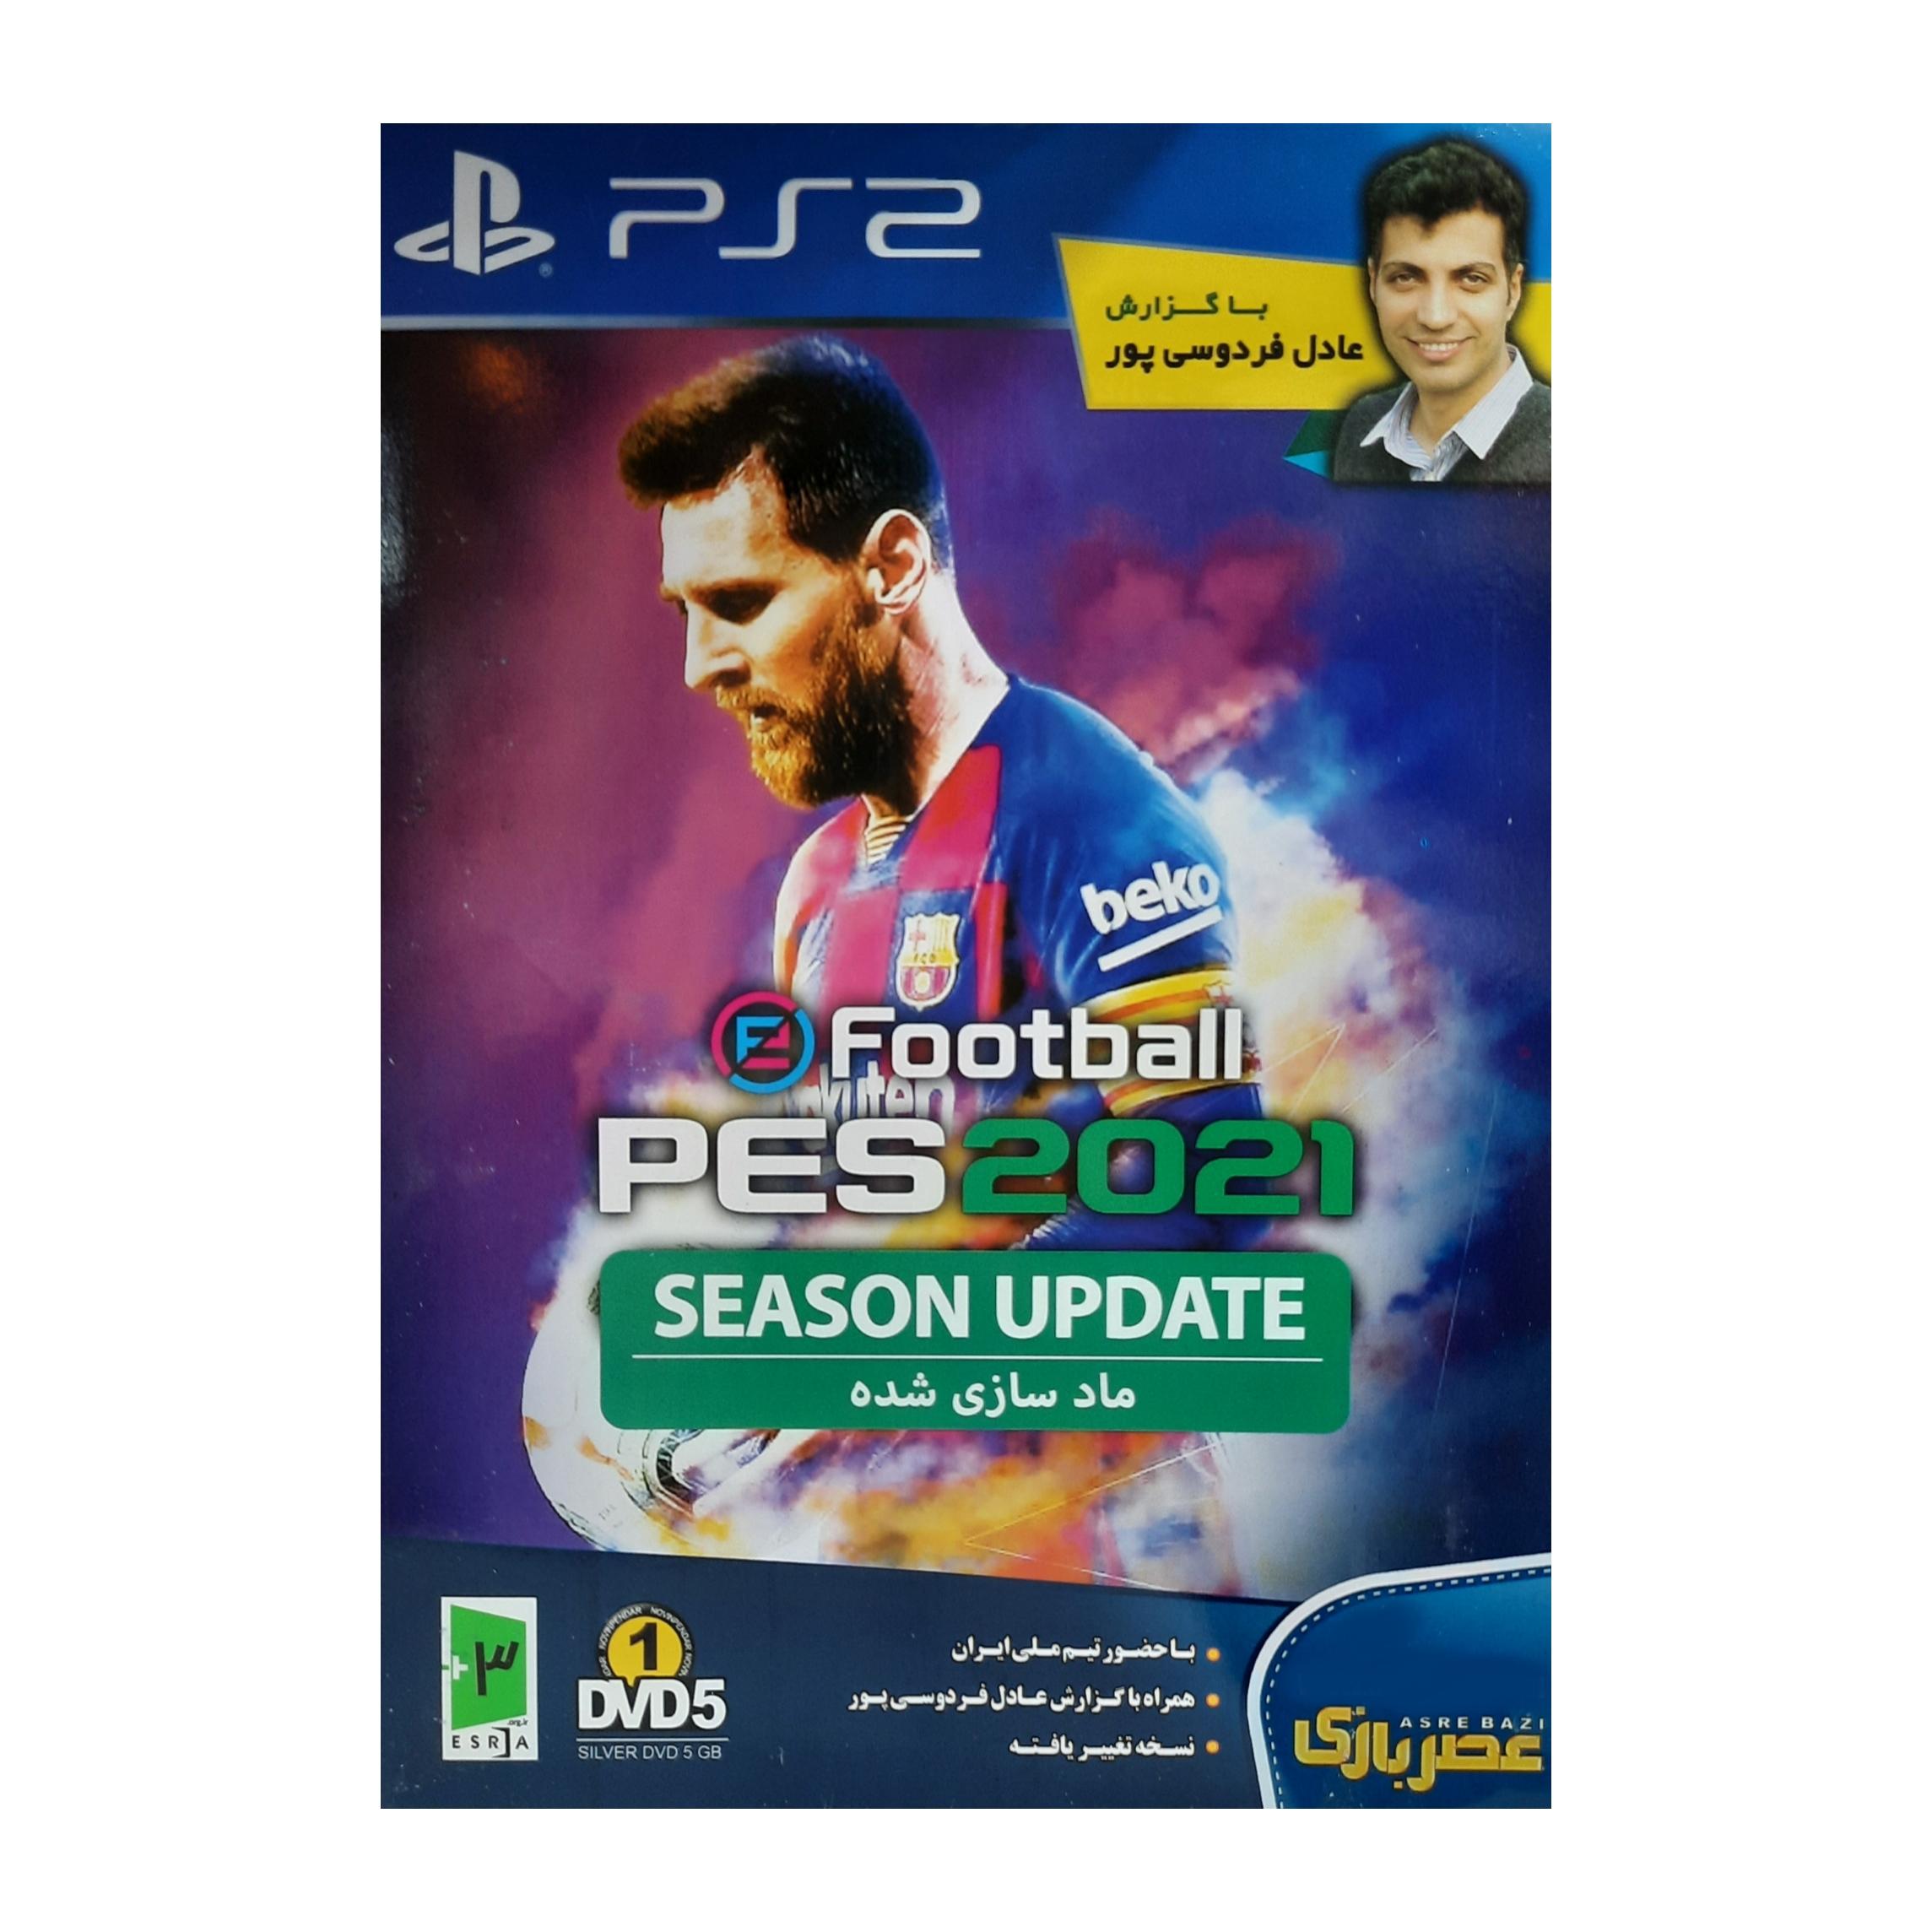 بازی Pes 2021 با گزارش فارسی عادل فردوسی پور مخصوص ps2 نشر عصر بازی